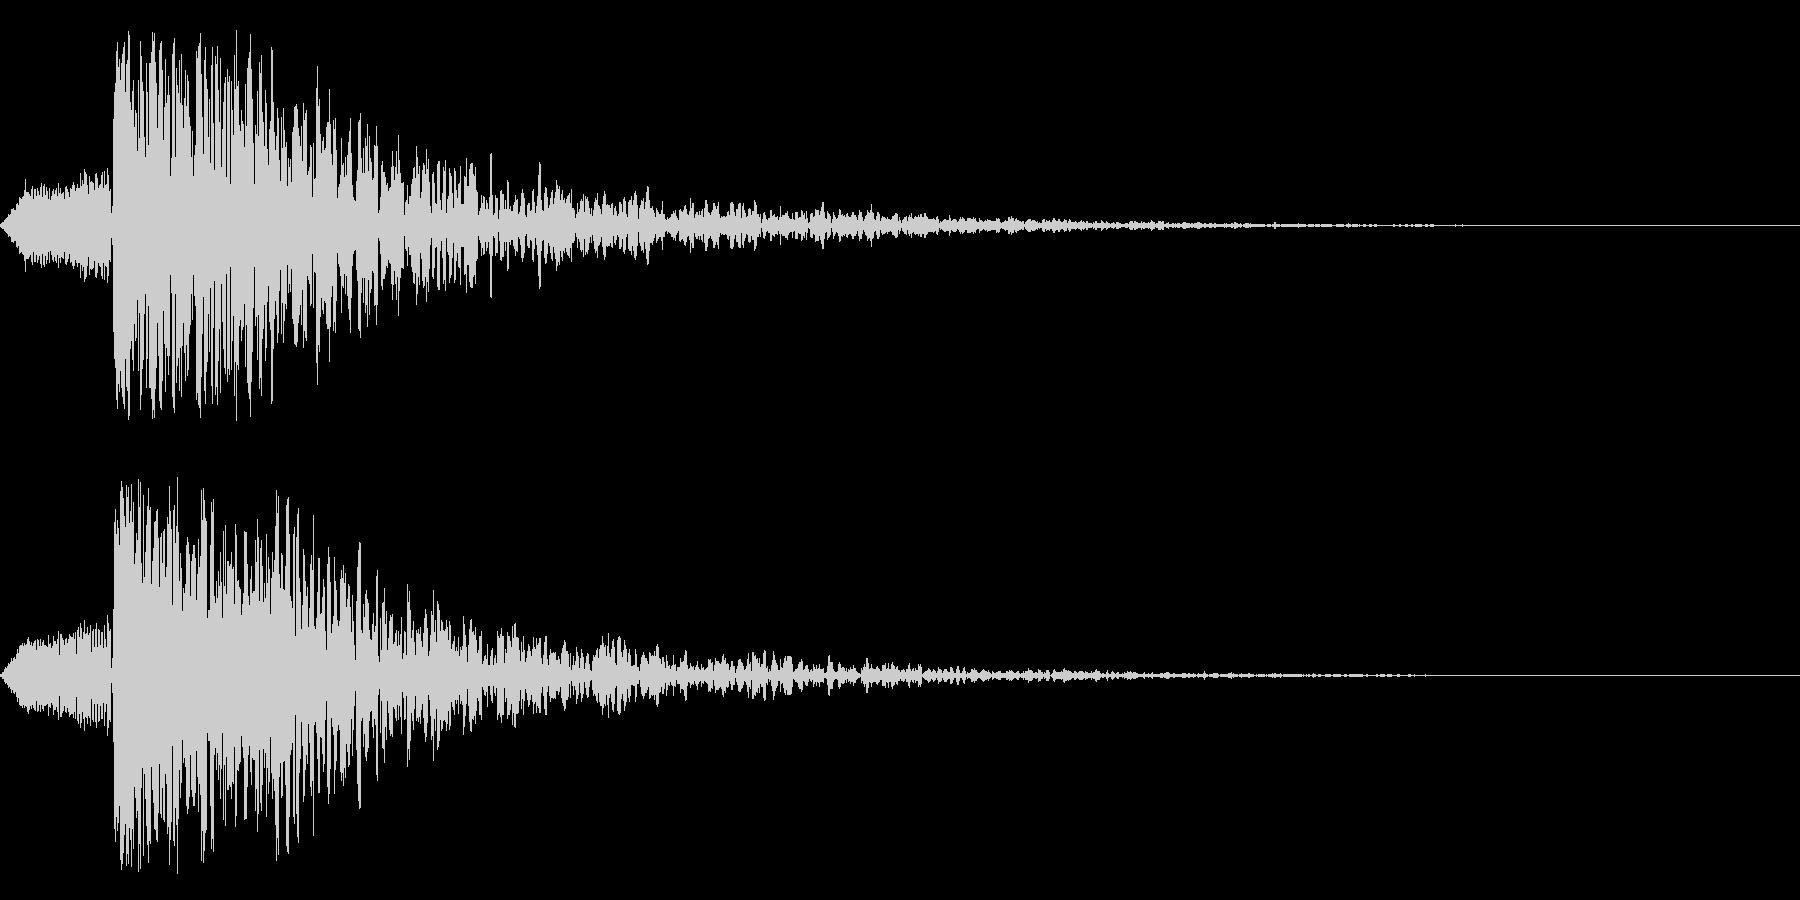 シネマティック 和風ヒット インパクト1の未再生の波形